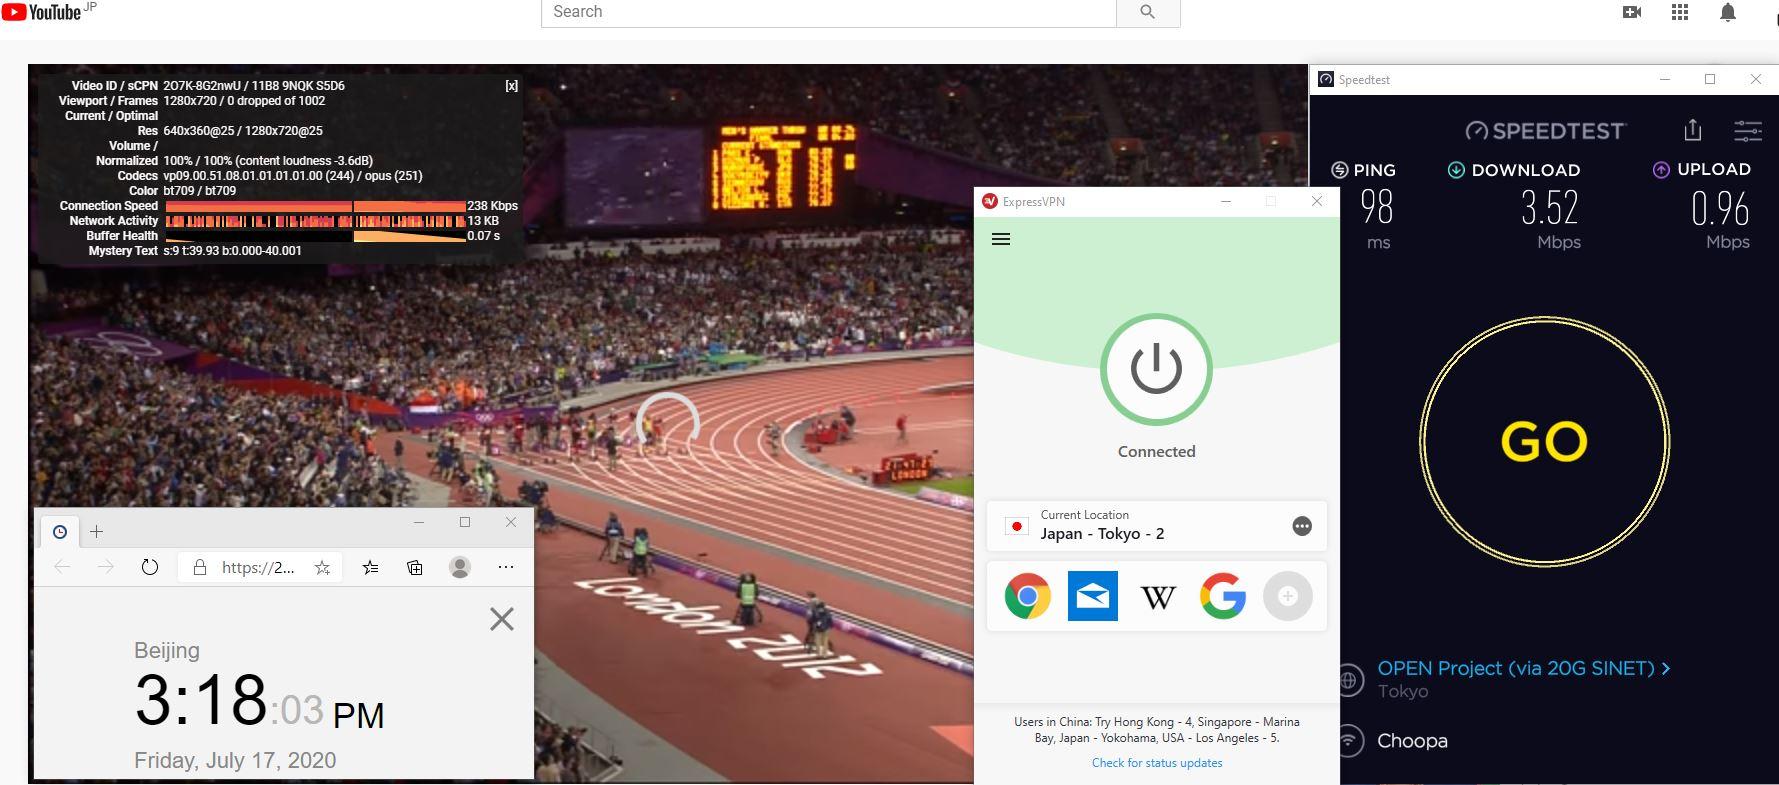 Windows10 ExpressVPN IKEv2 Japan - Tokyo - 2 中国VPN 翻墙 科学上网 测速-20200717